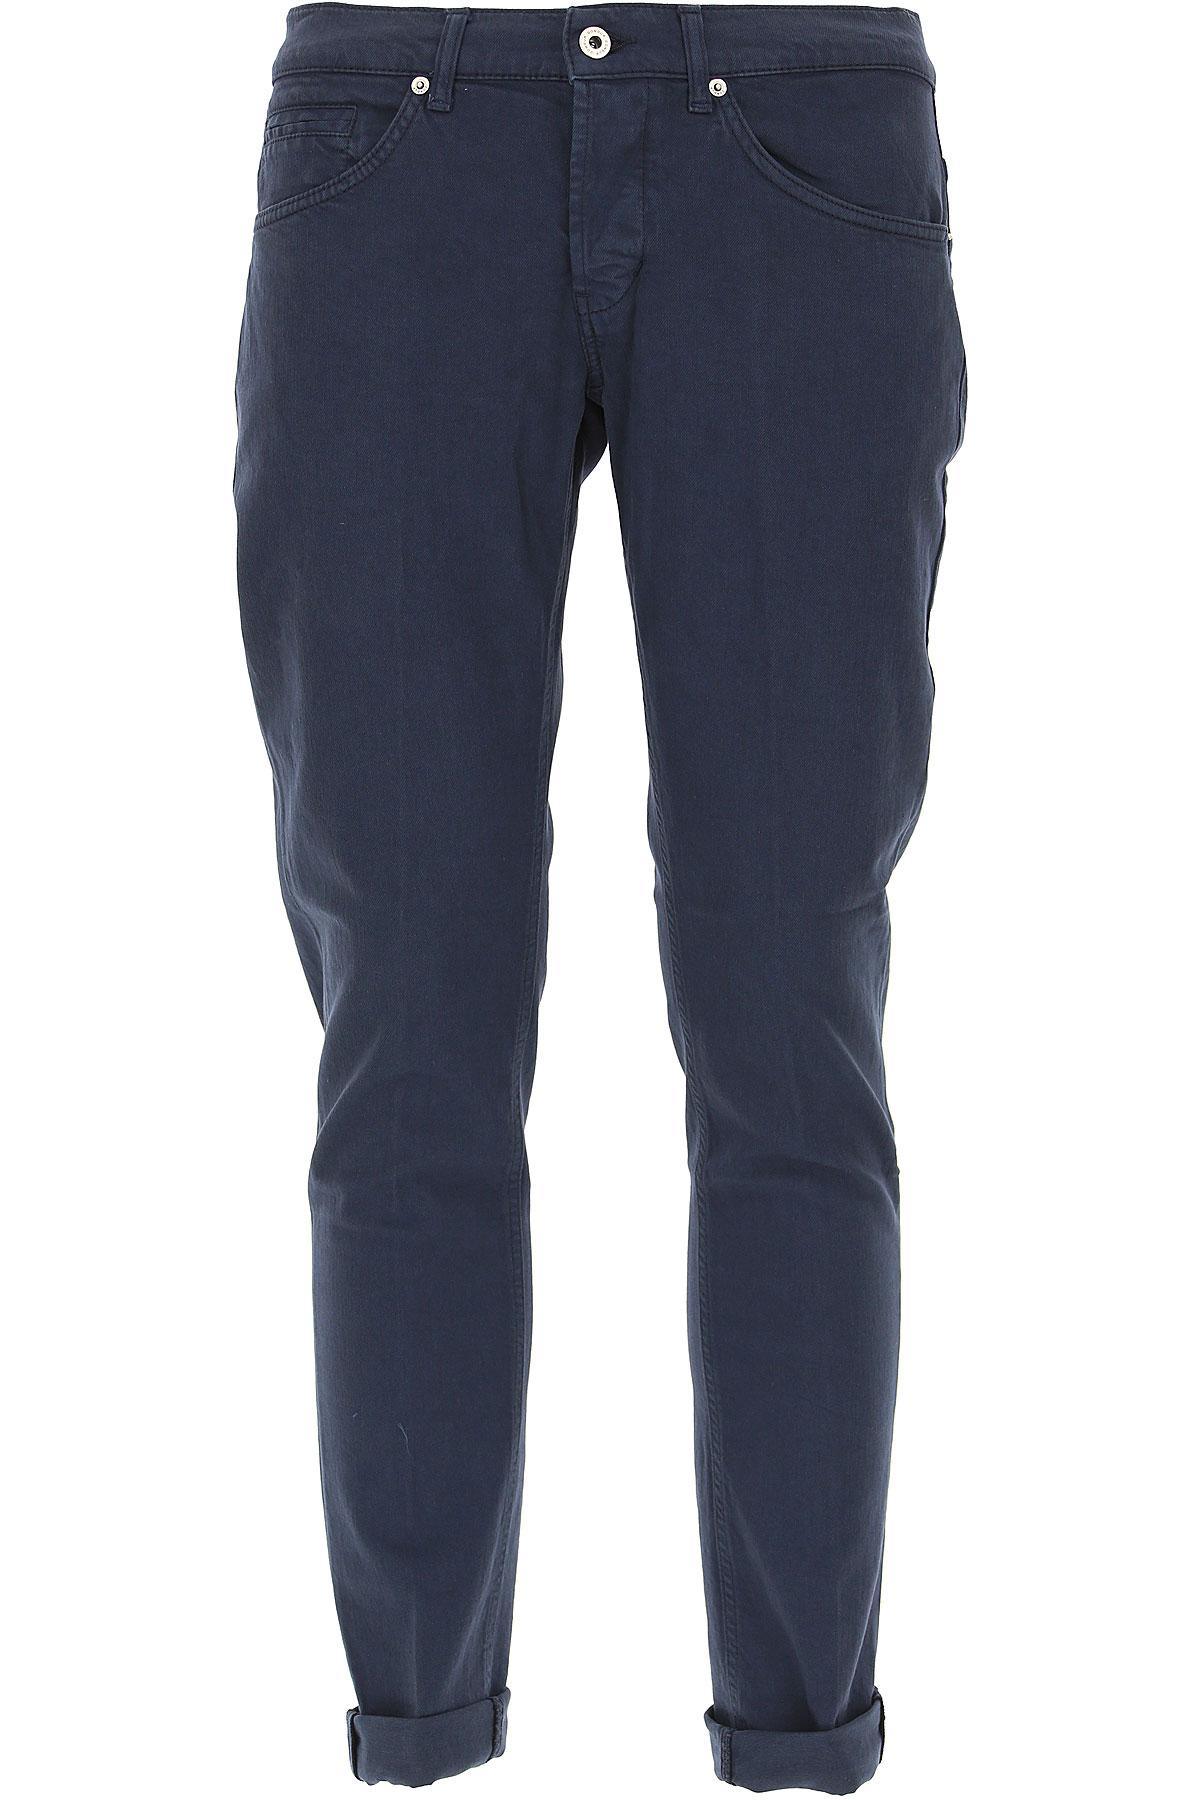 Dondup Jeans, Dark Blue, Cotton, 2017, 29 30 31 32 33 34 35 36 38